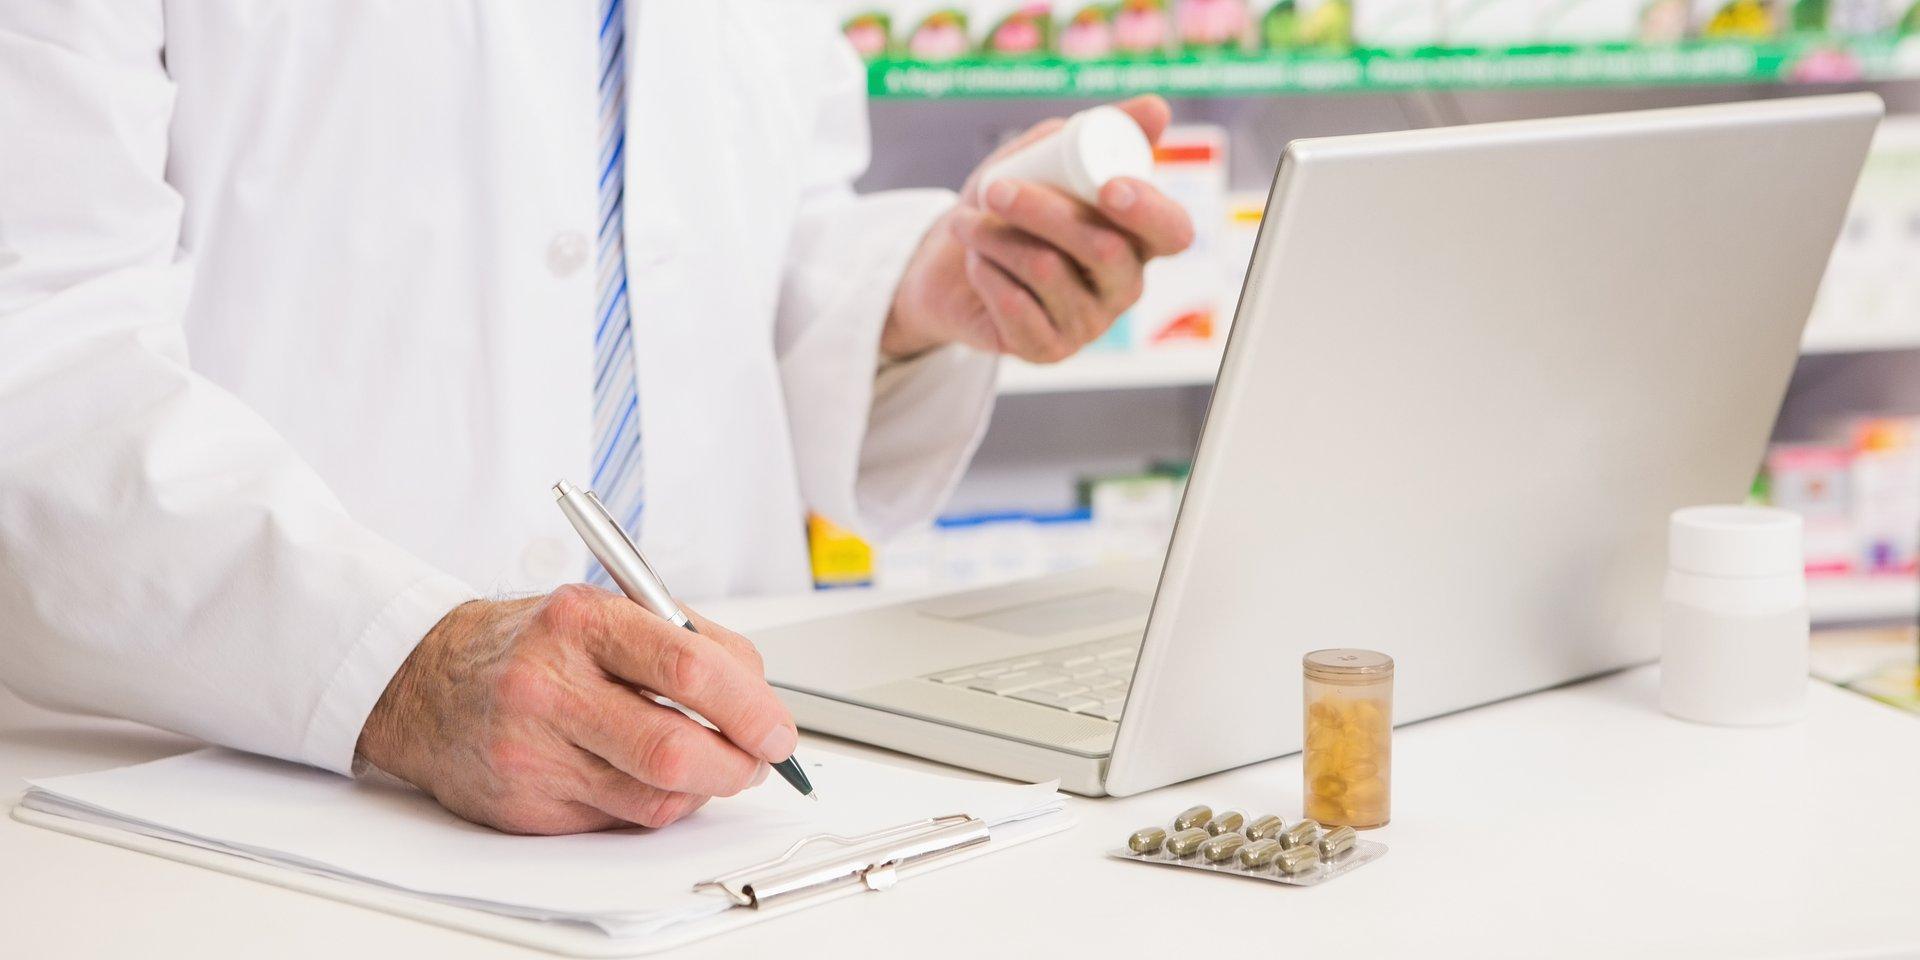 Opieka farmaceutyczna po pandemii. Jak miałaby wyglądać?